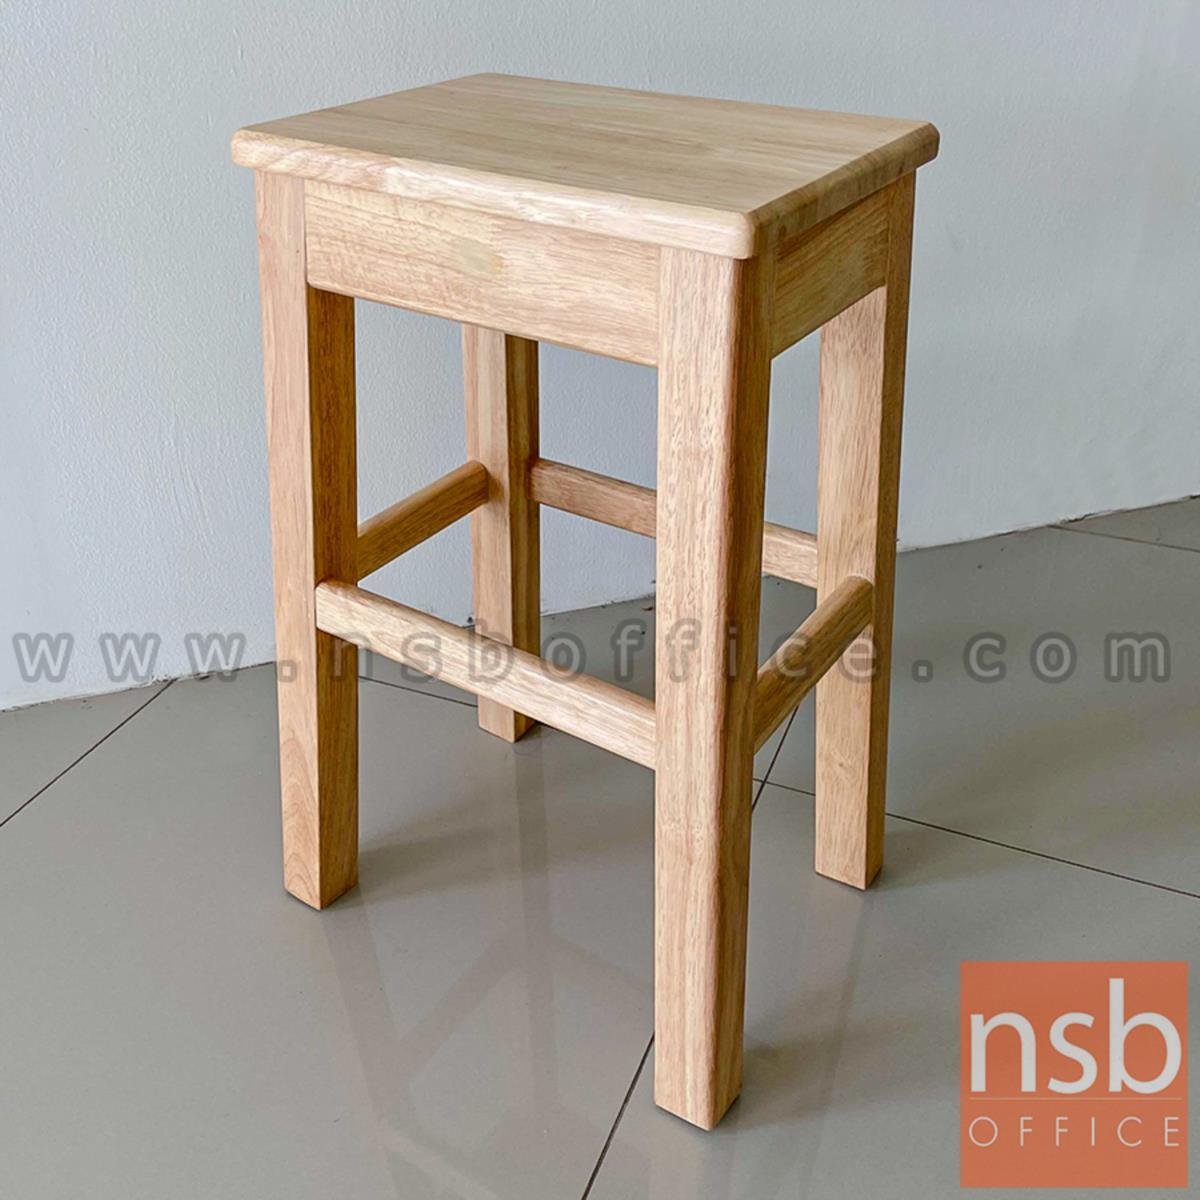 B09A227:เก้าอี้บาร์สตูลที่นั่งเหลี่ยม รุ่น Baden (บาเด็น) ขนาด 39.5W cm. โครงไม้ทั้งตัว